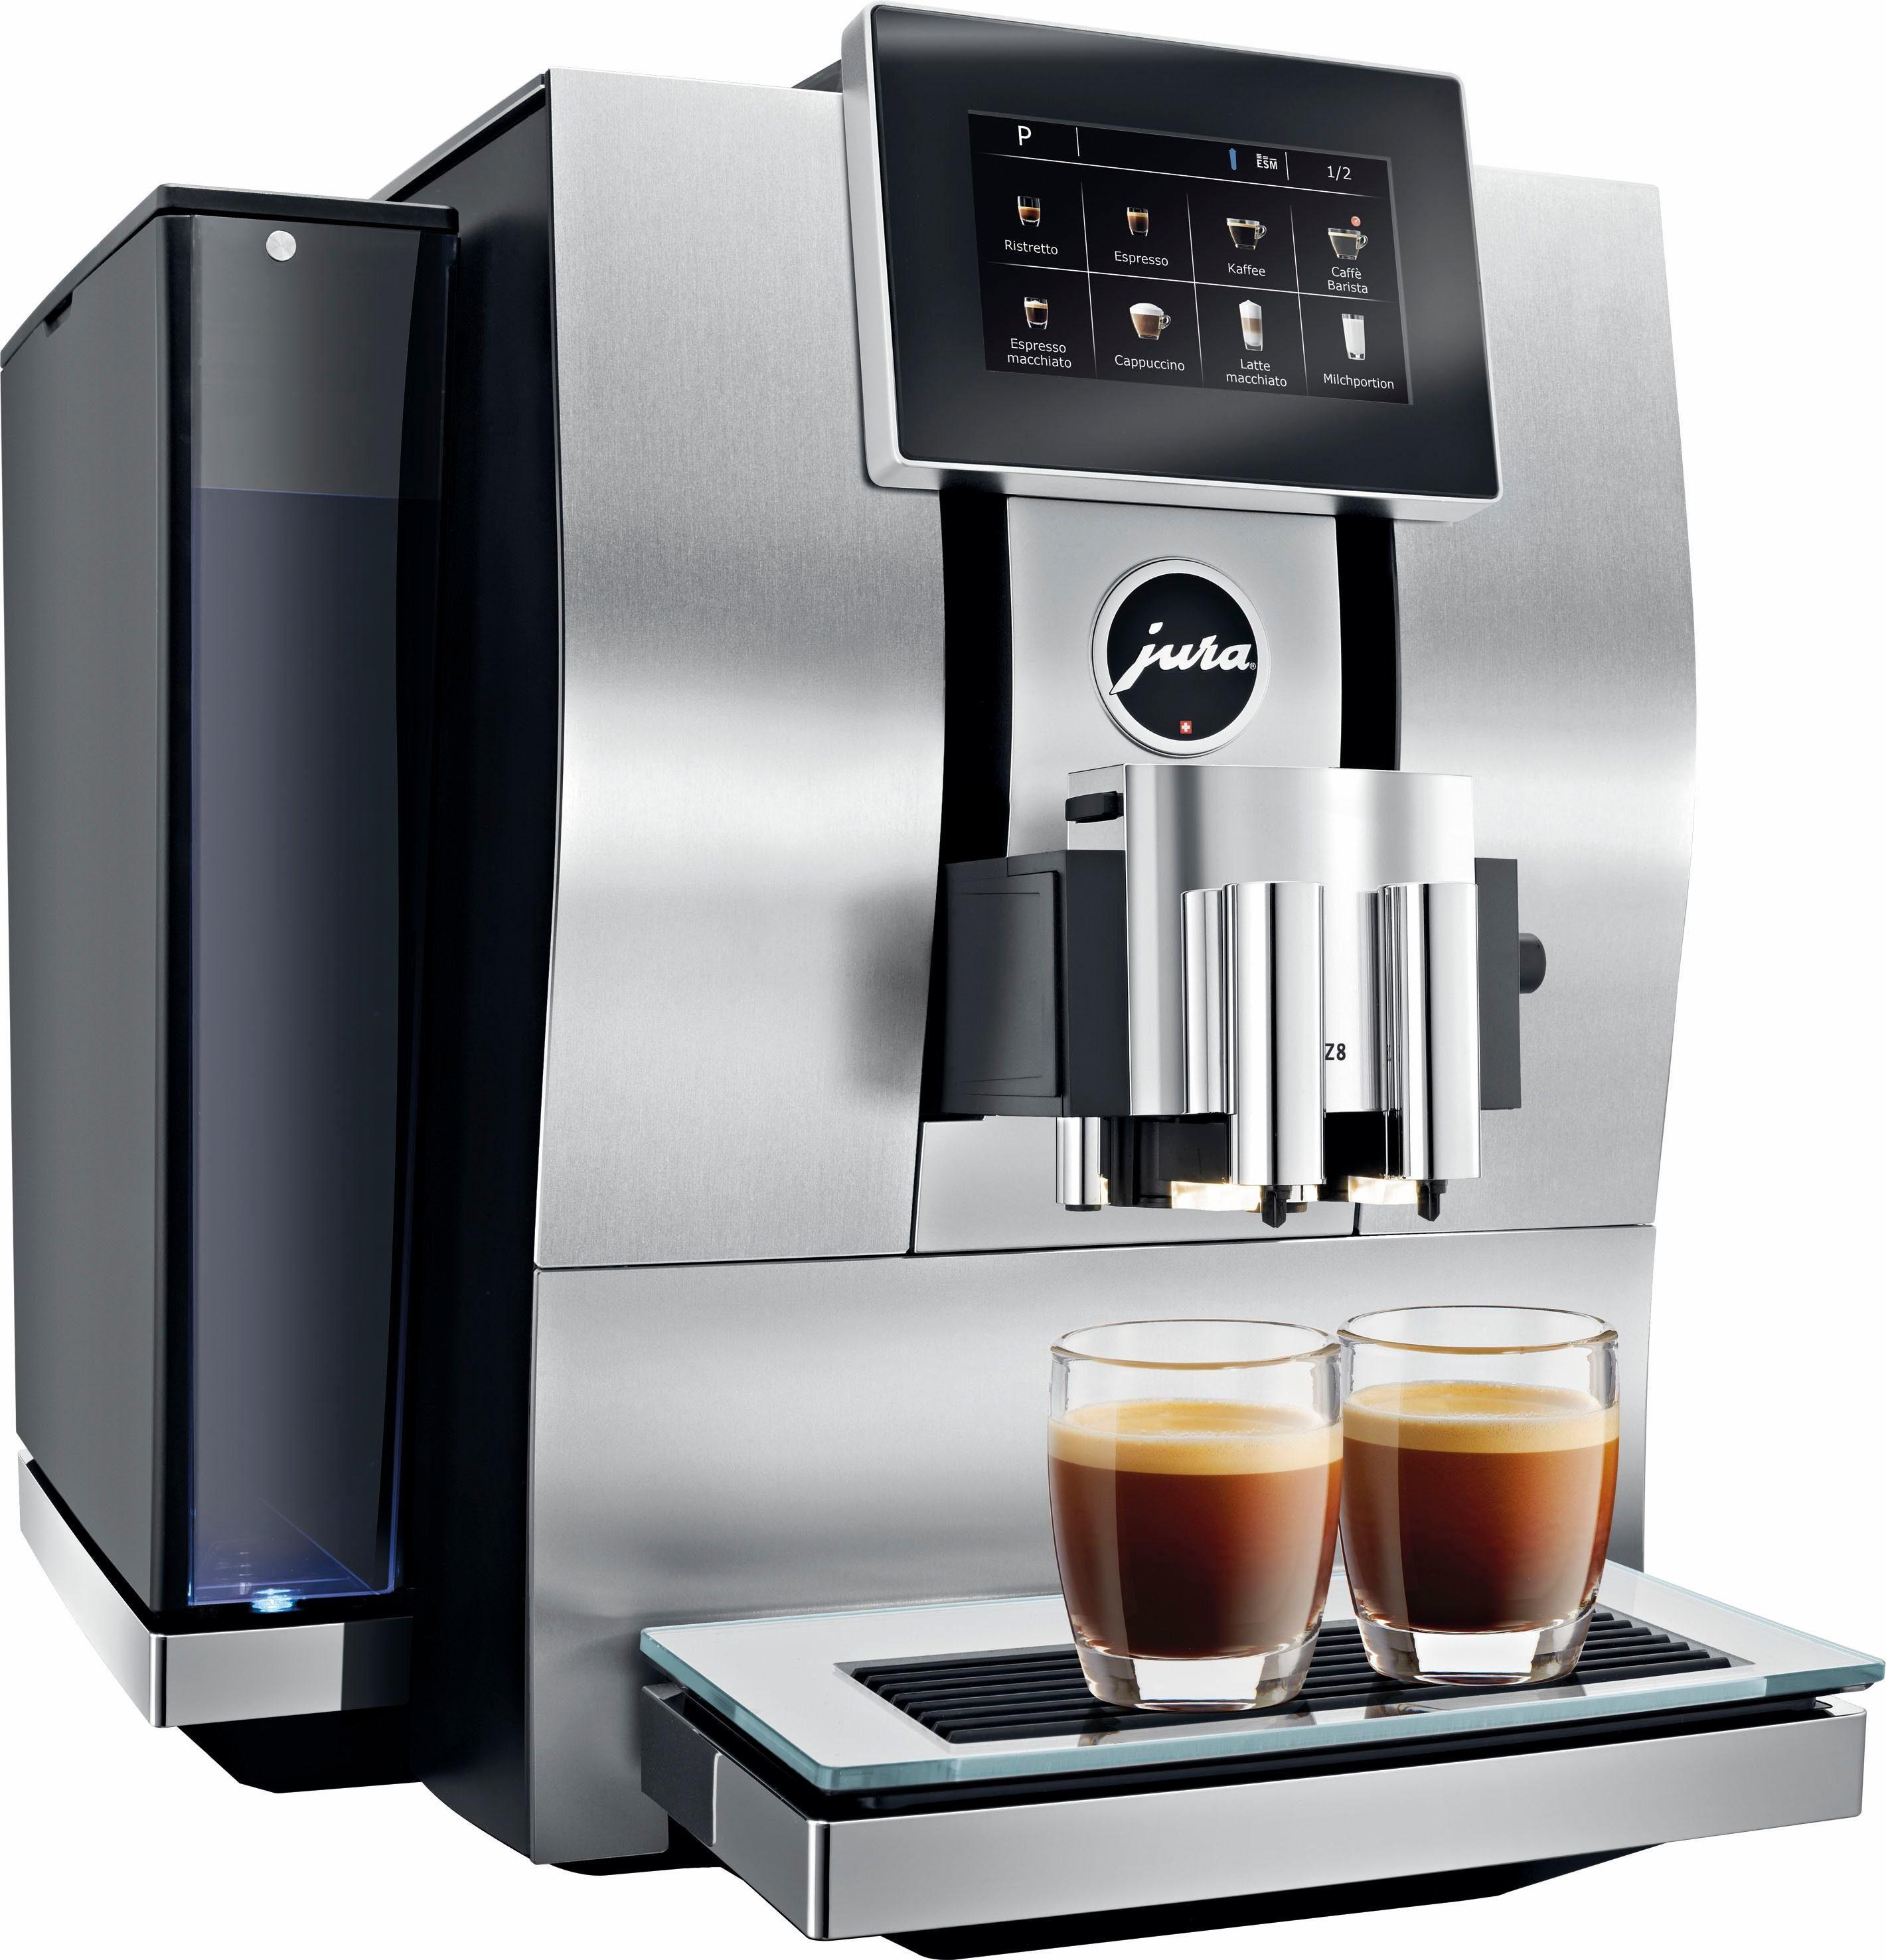 Jura Kaffeevollautomat 15063 Z8, 2,4l Tank, Kegelmahlwerk, App-Steuerung